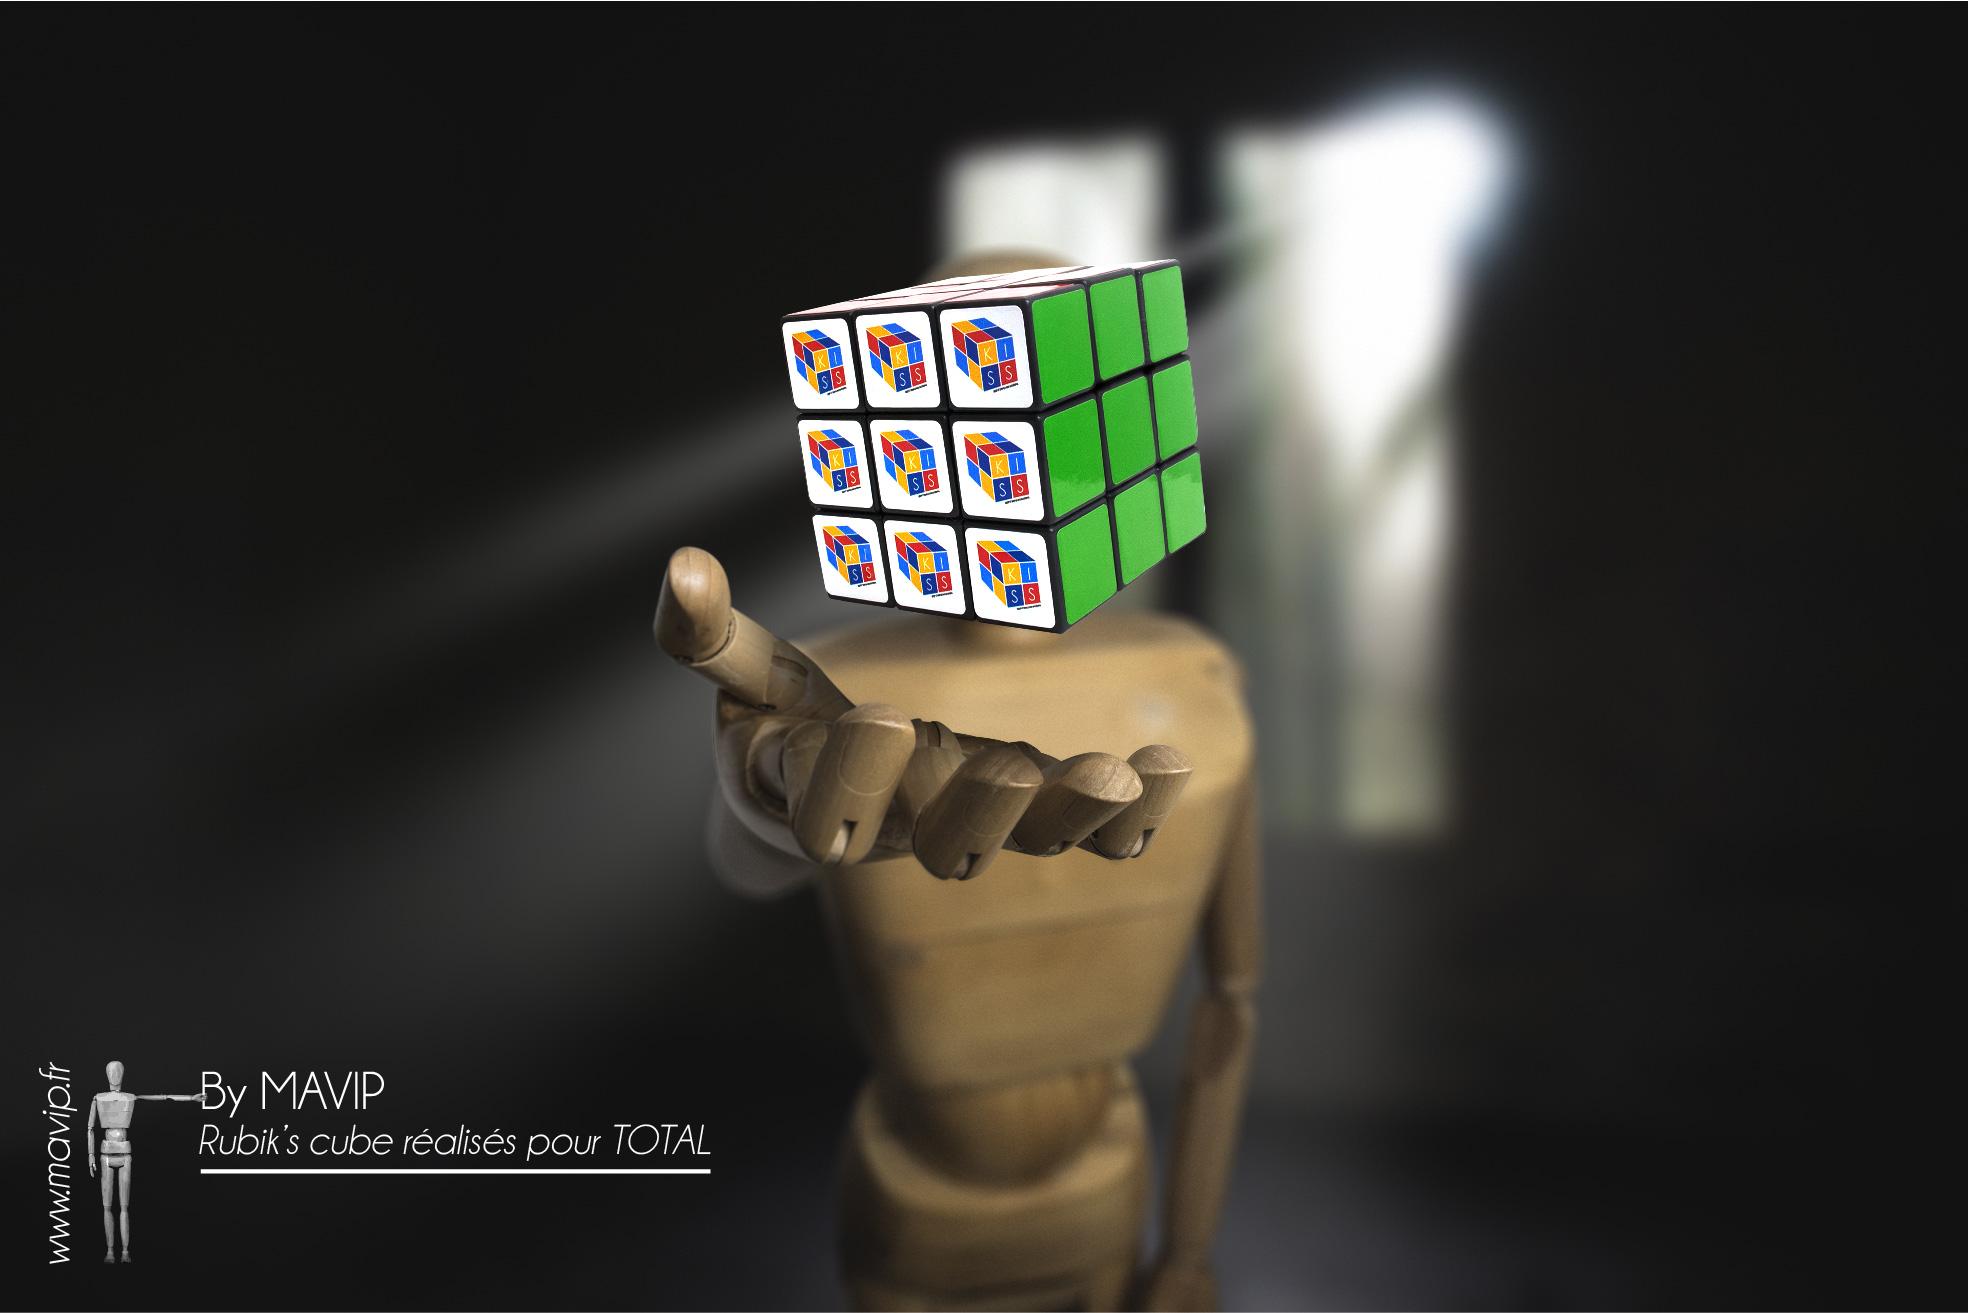 Rubik's cubes personnalisables avec logo toutes faces réalisés pour Total par Mavip